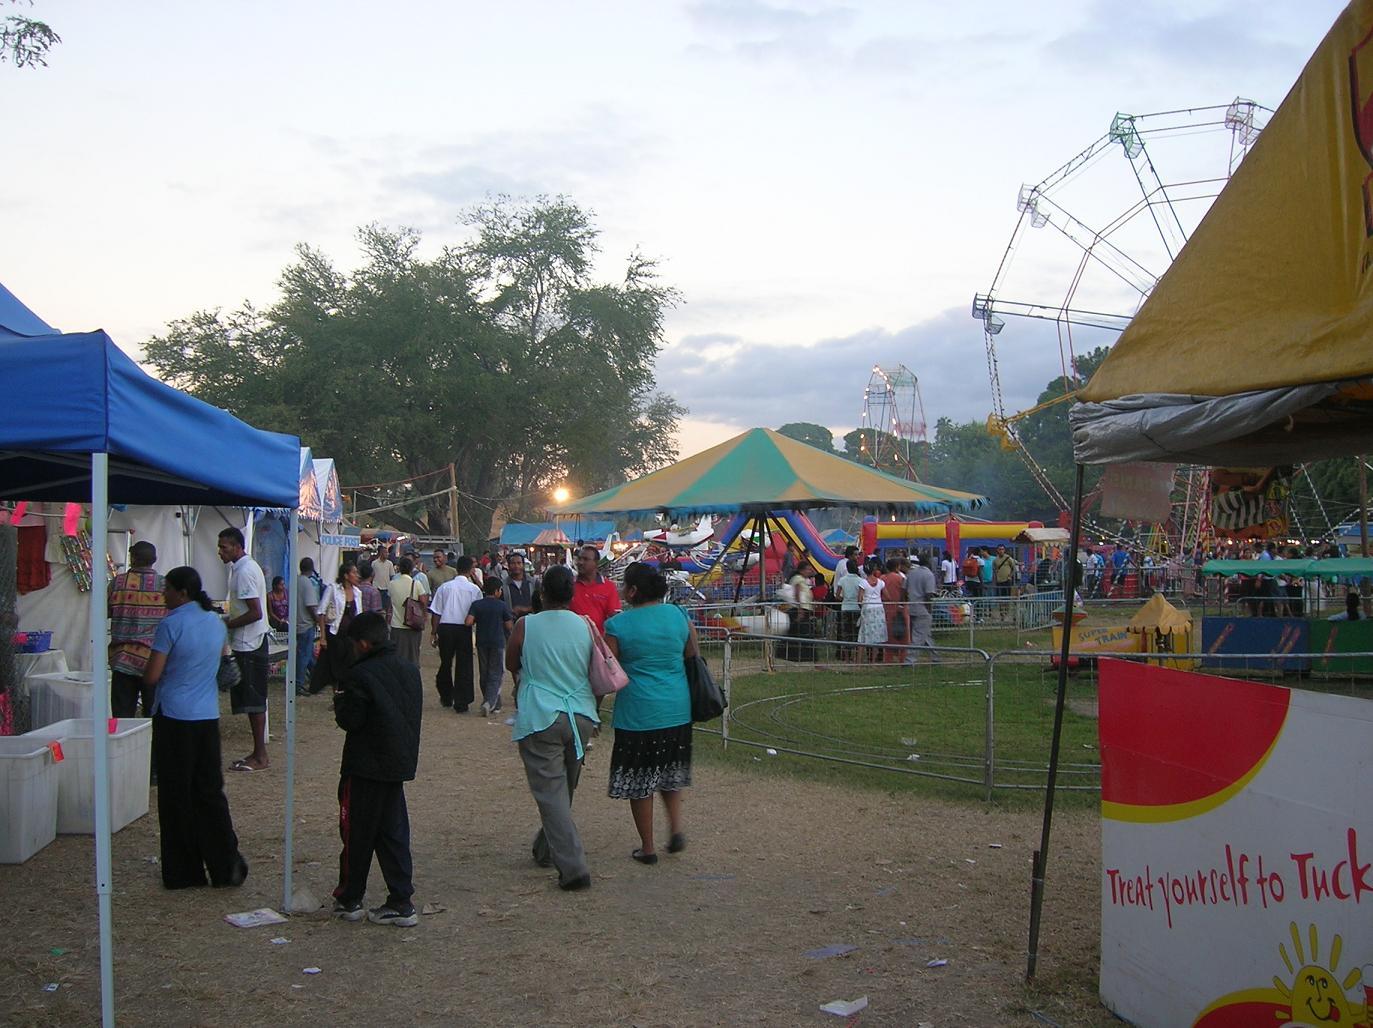 Nandi Fair